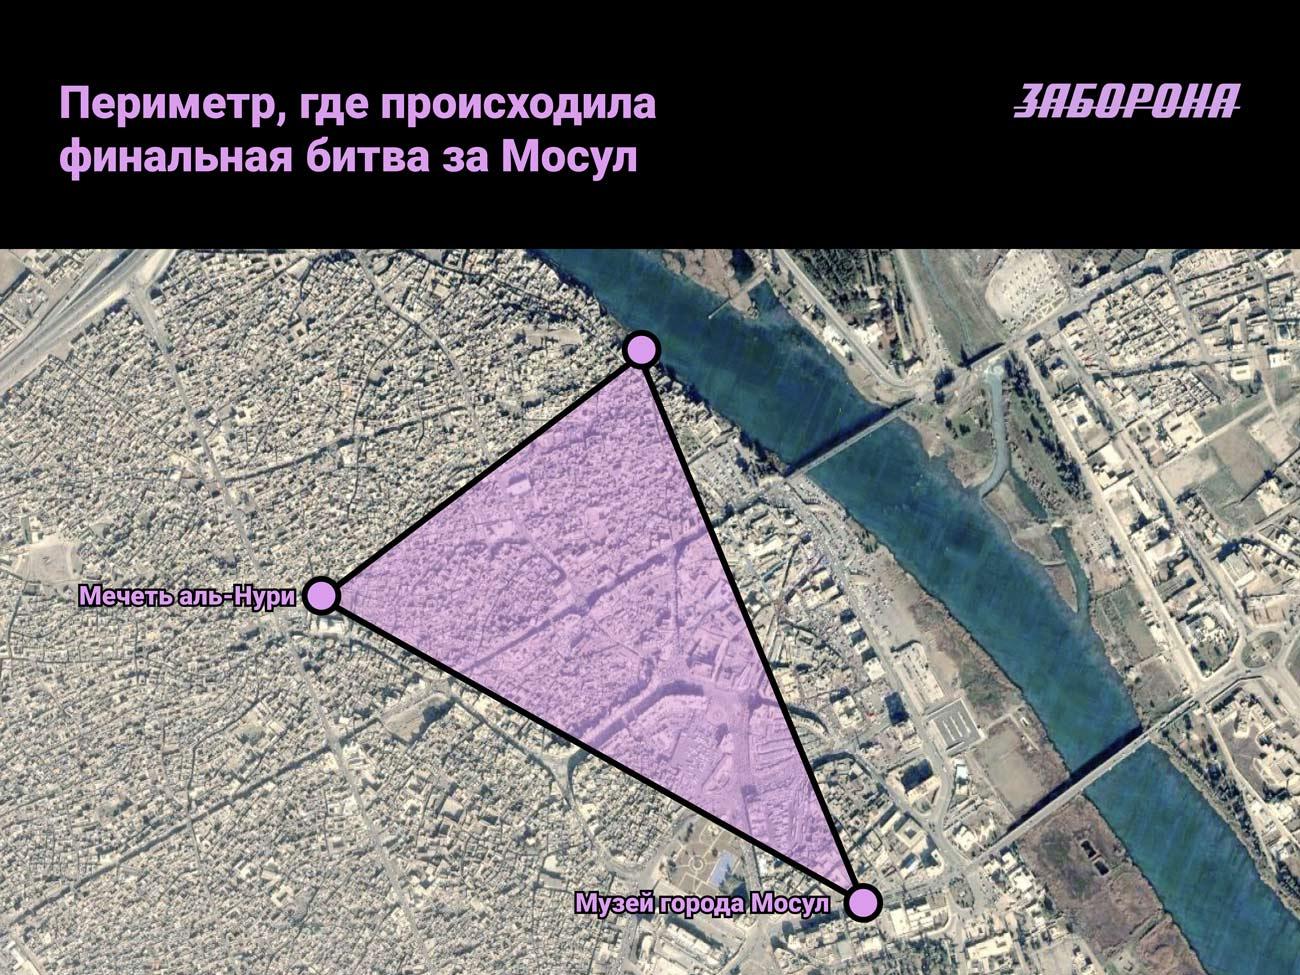 infografic 02 - <b>Хадиджа и ее мальчики.</b> Каково это - искать семью, пропавшую в «Исламском государстве» - Заборона